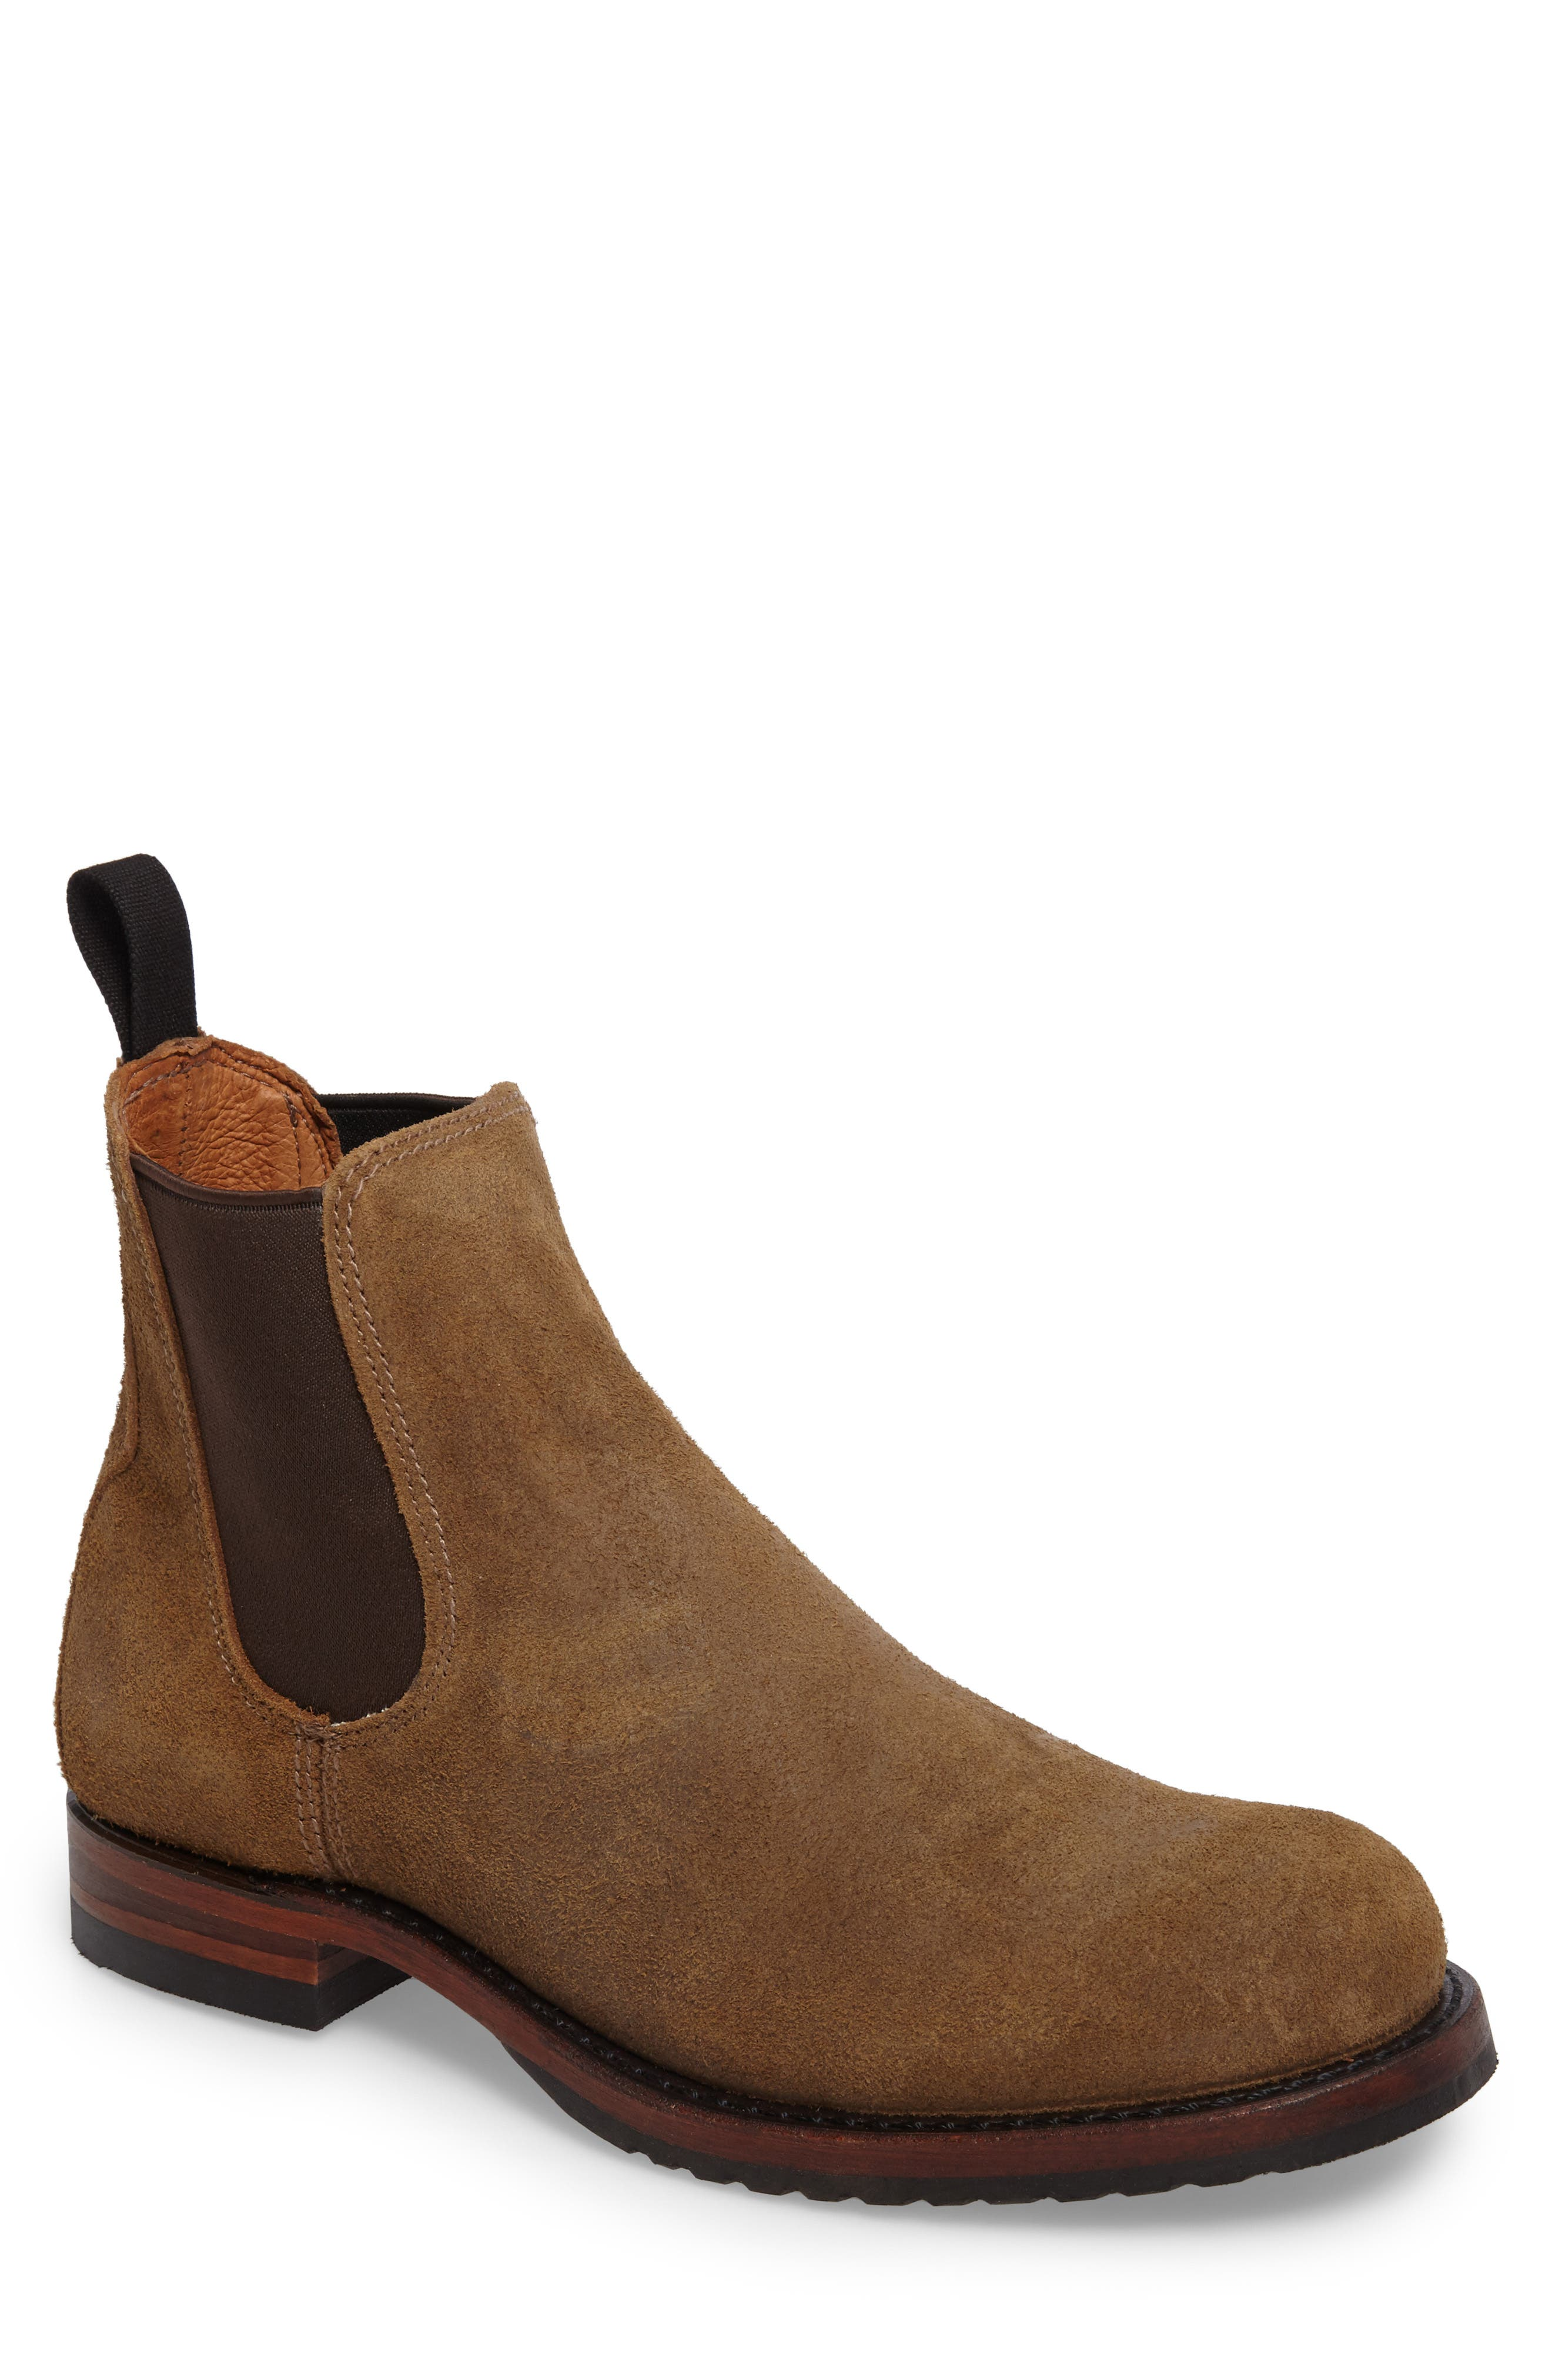 Logan Chelsea Boot,                         Main,                         color, 215